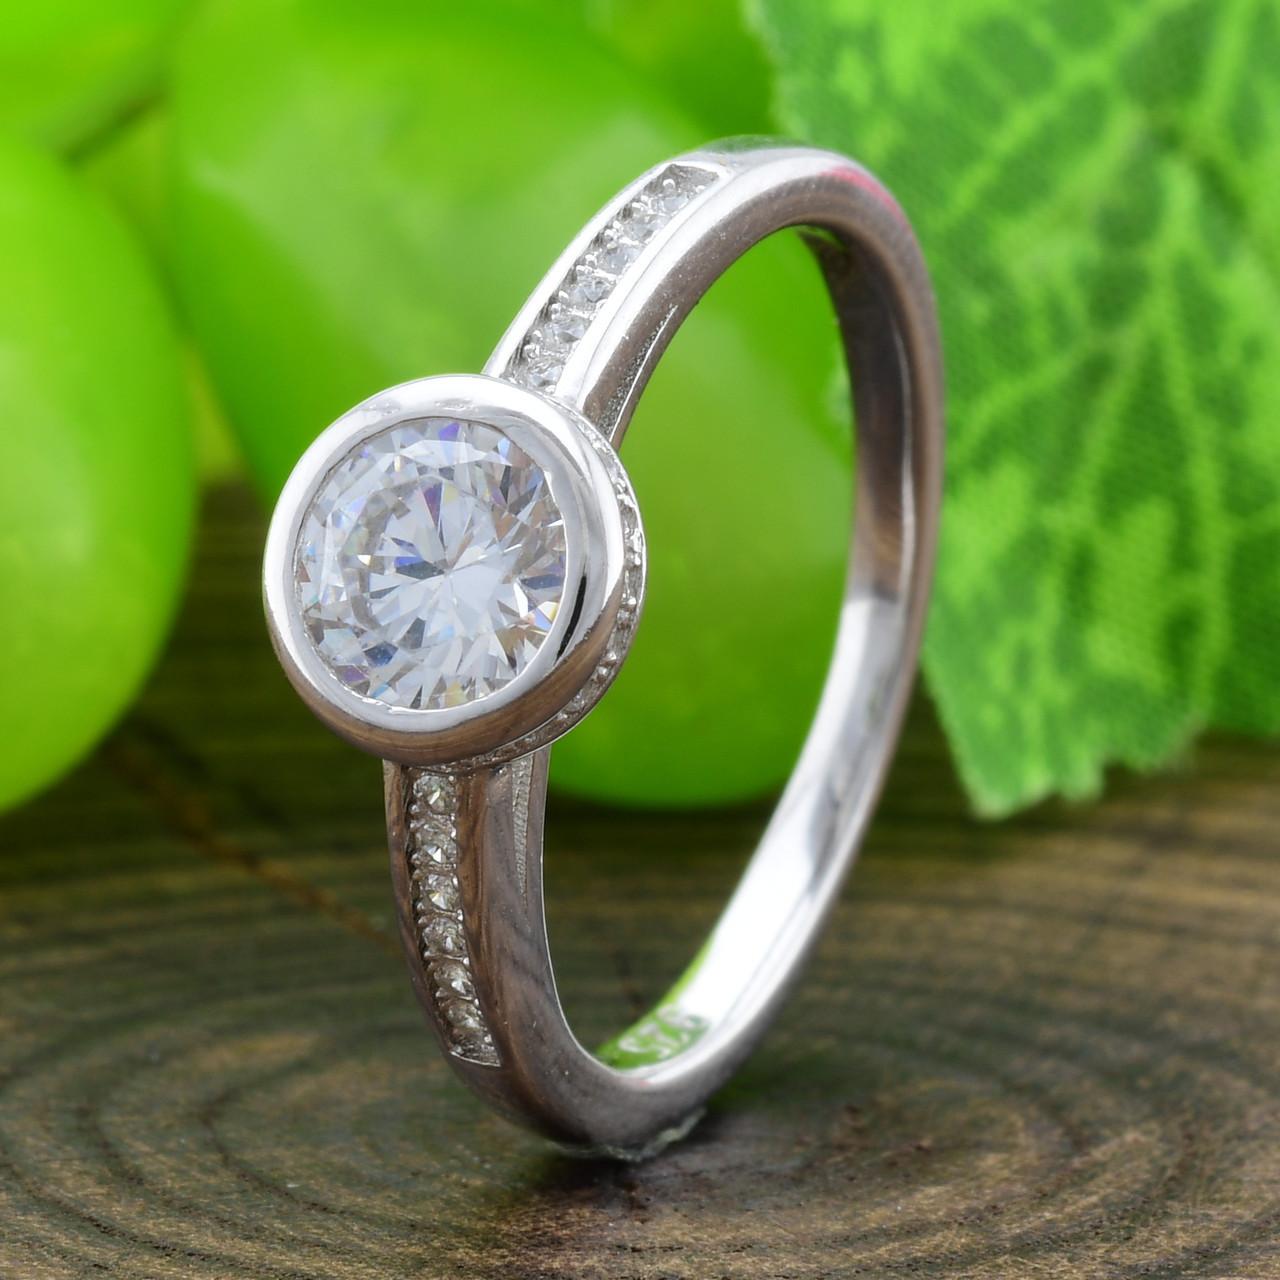 Серебряное кольцо Вечное очарование вес 2.95 г размер 17.5